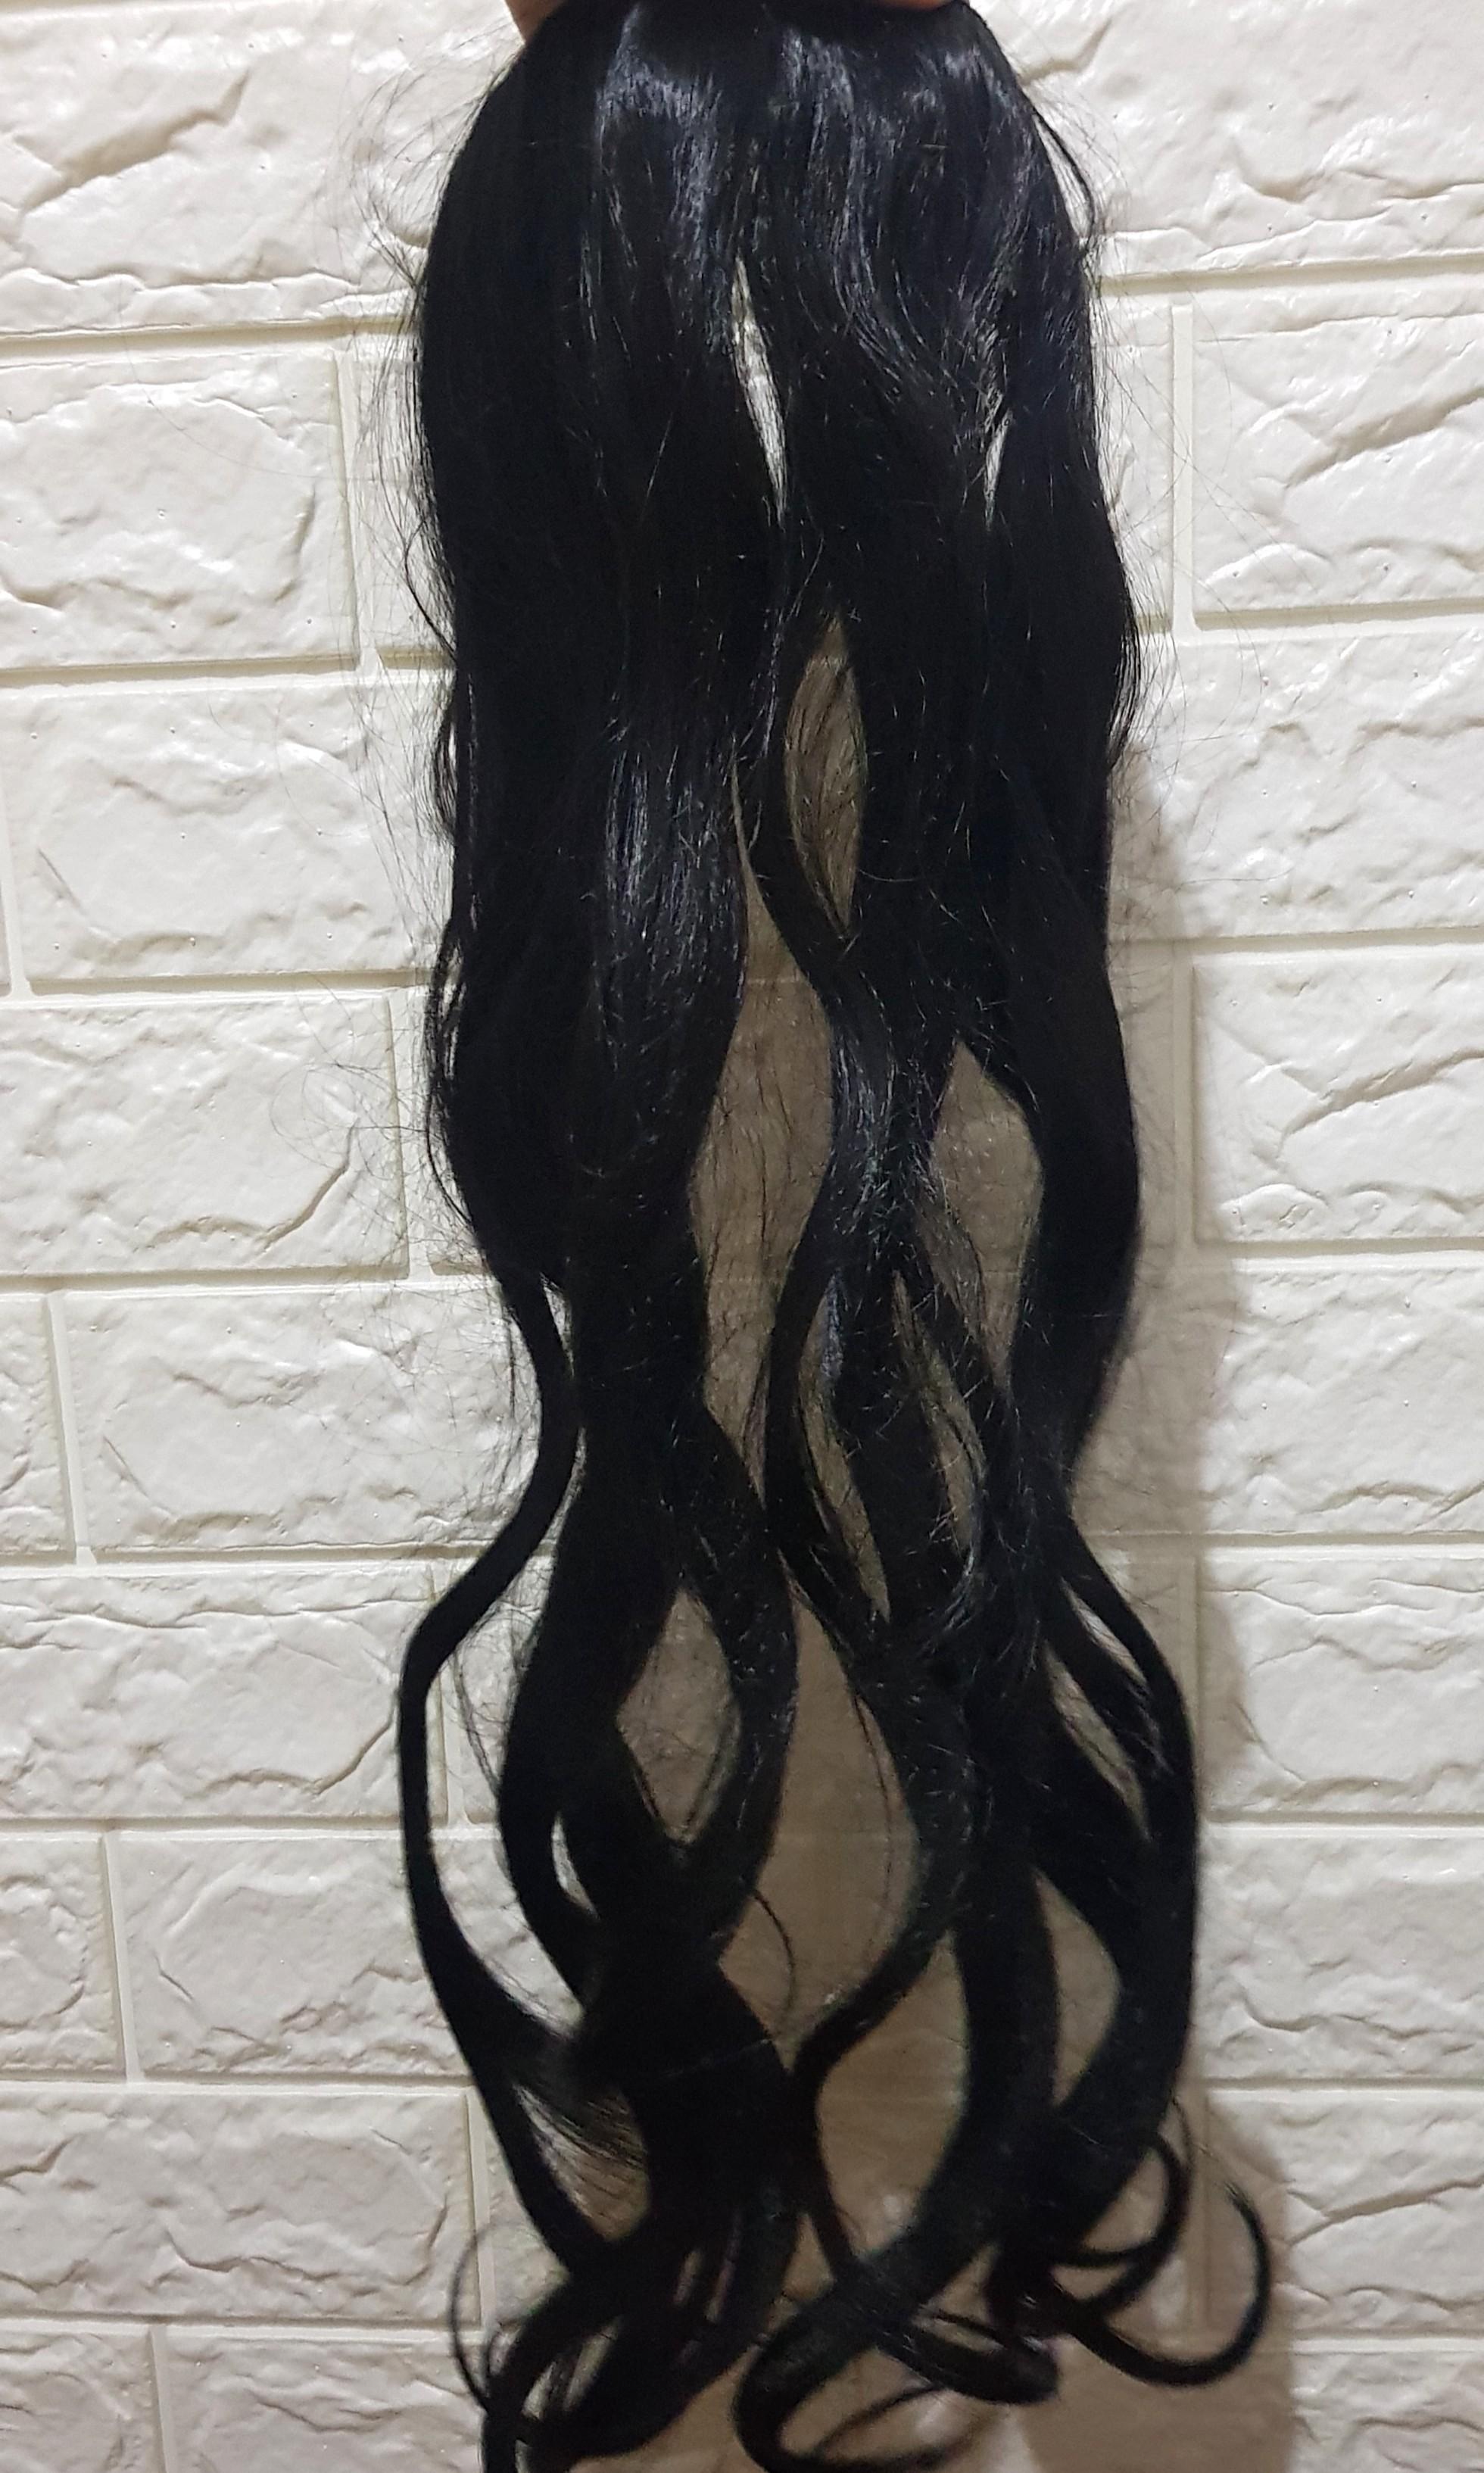 Black Long Curly Hairclip